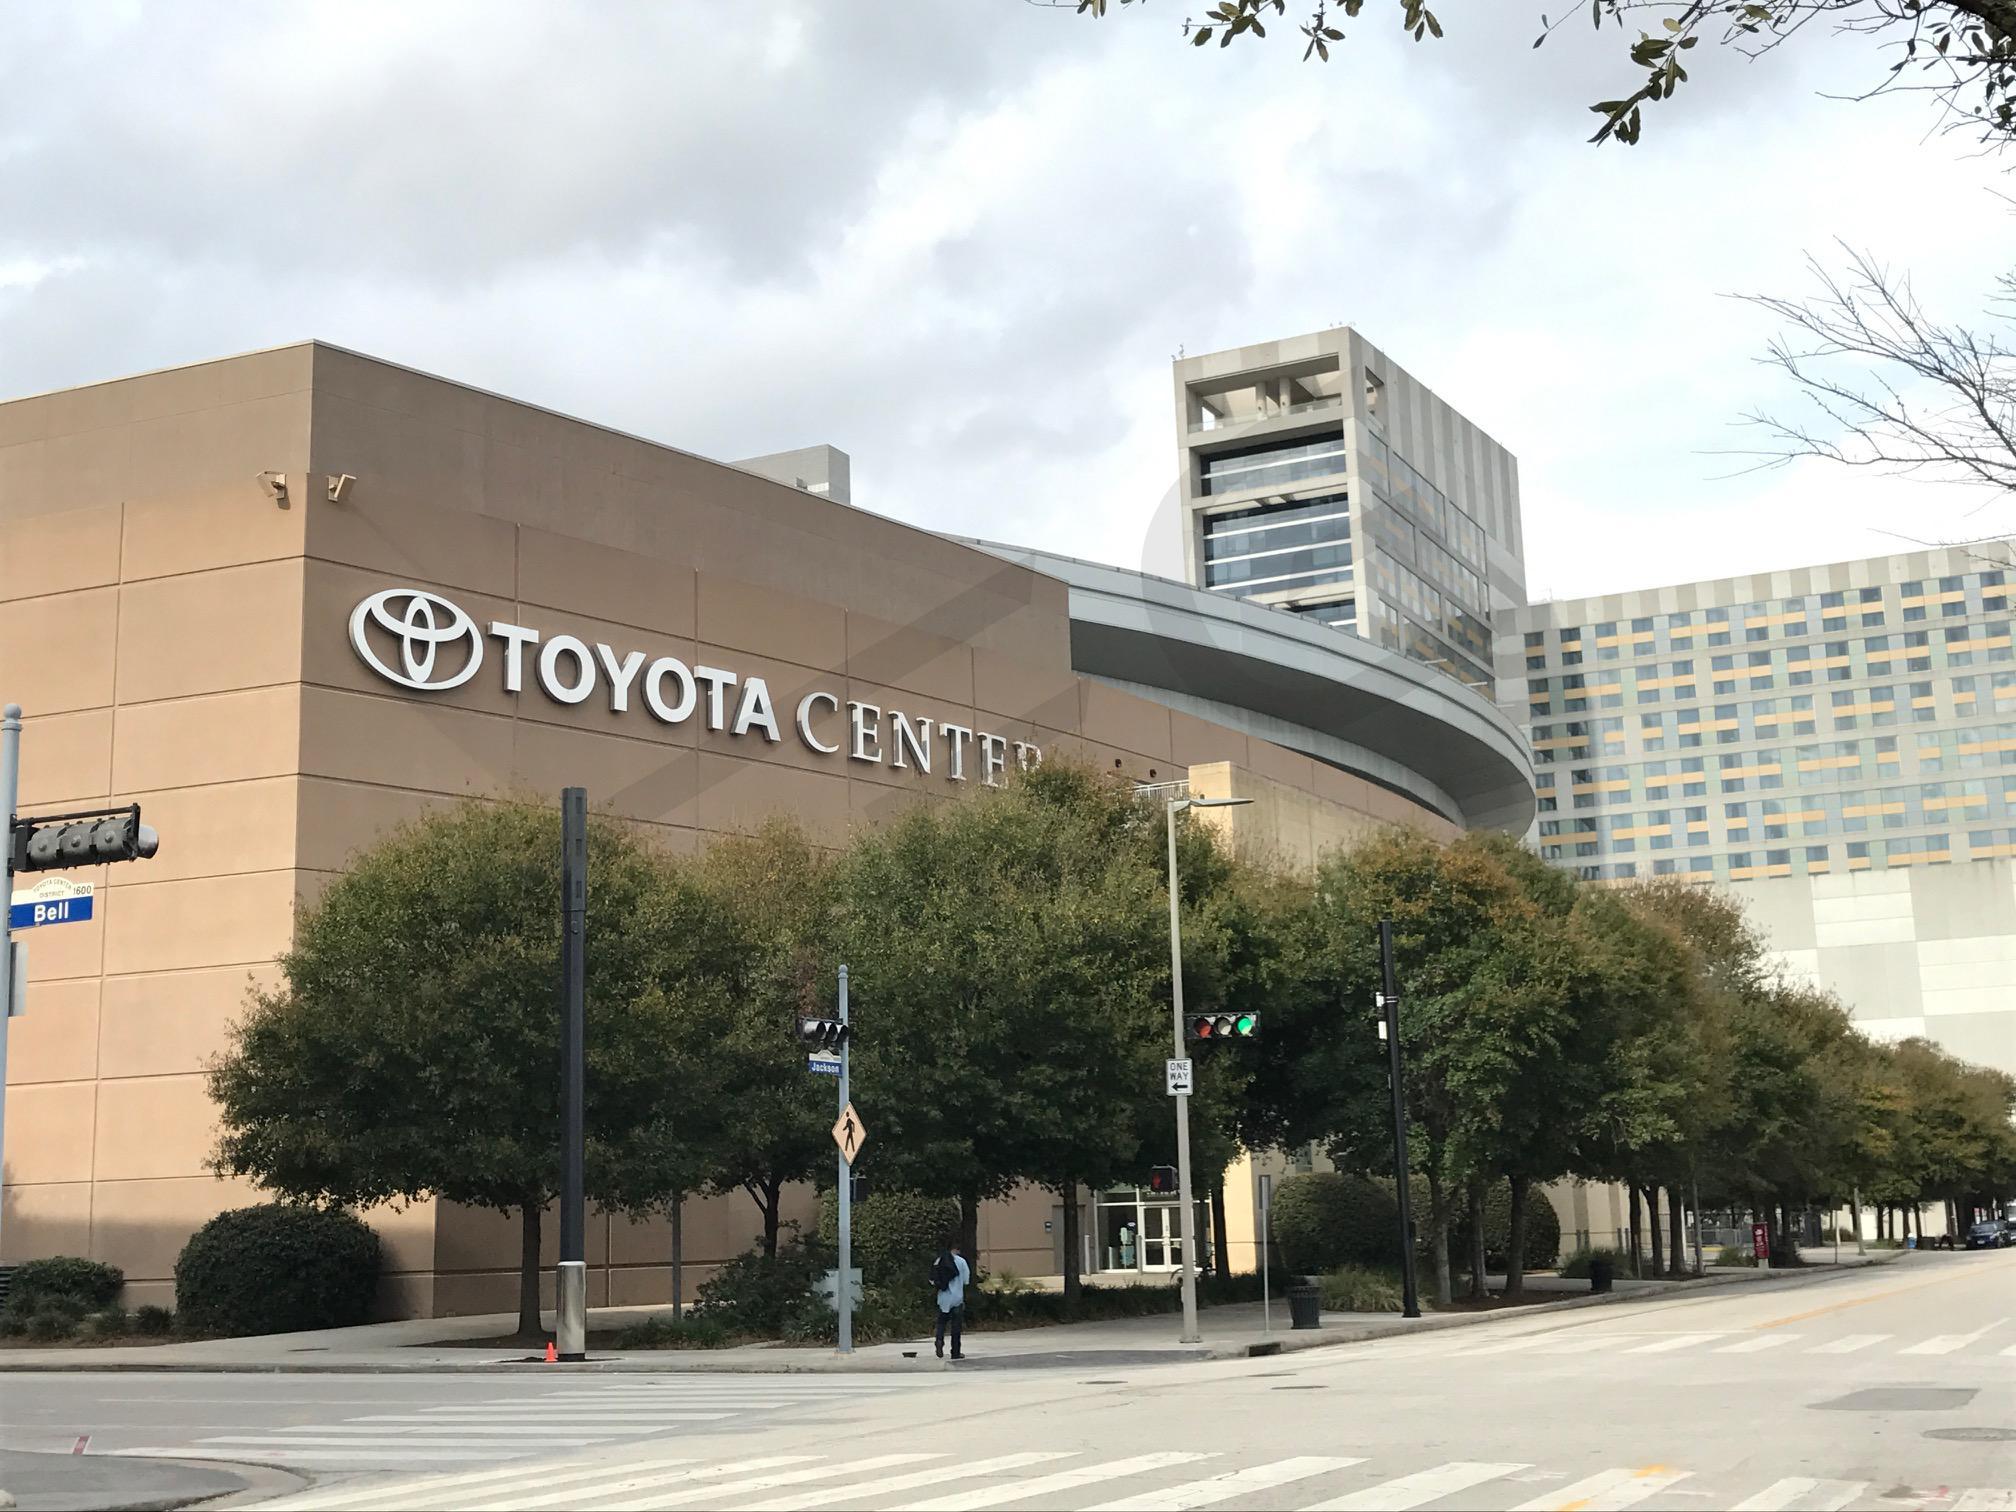 Toyota Center Exterior View